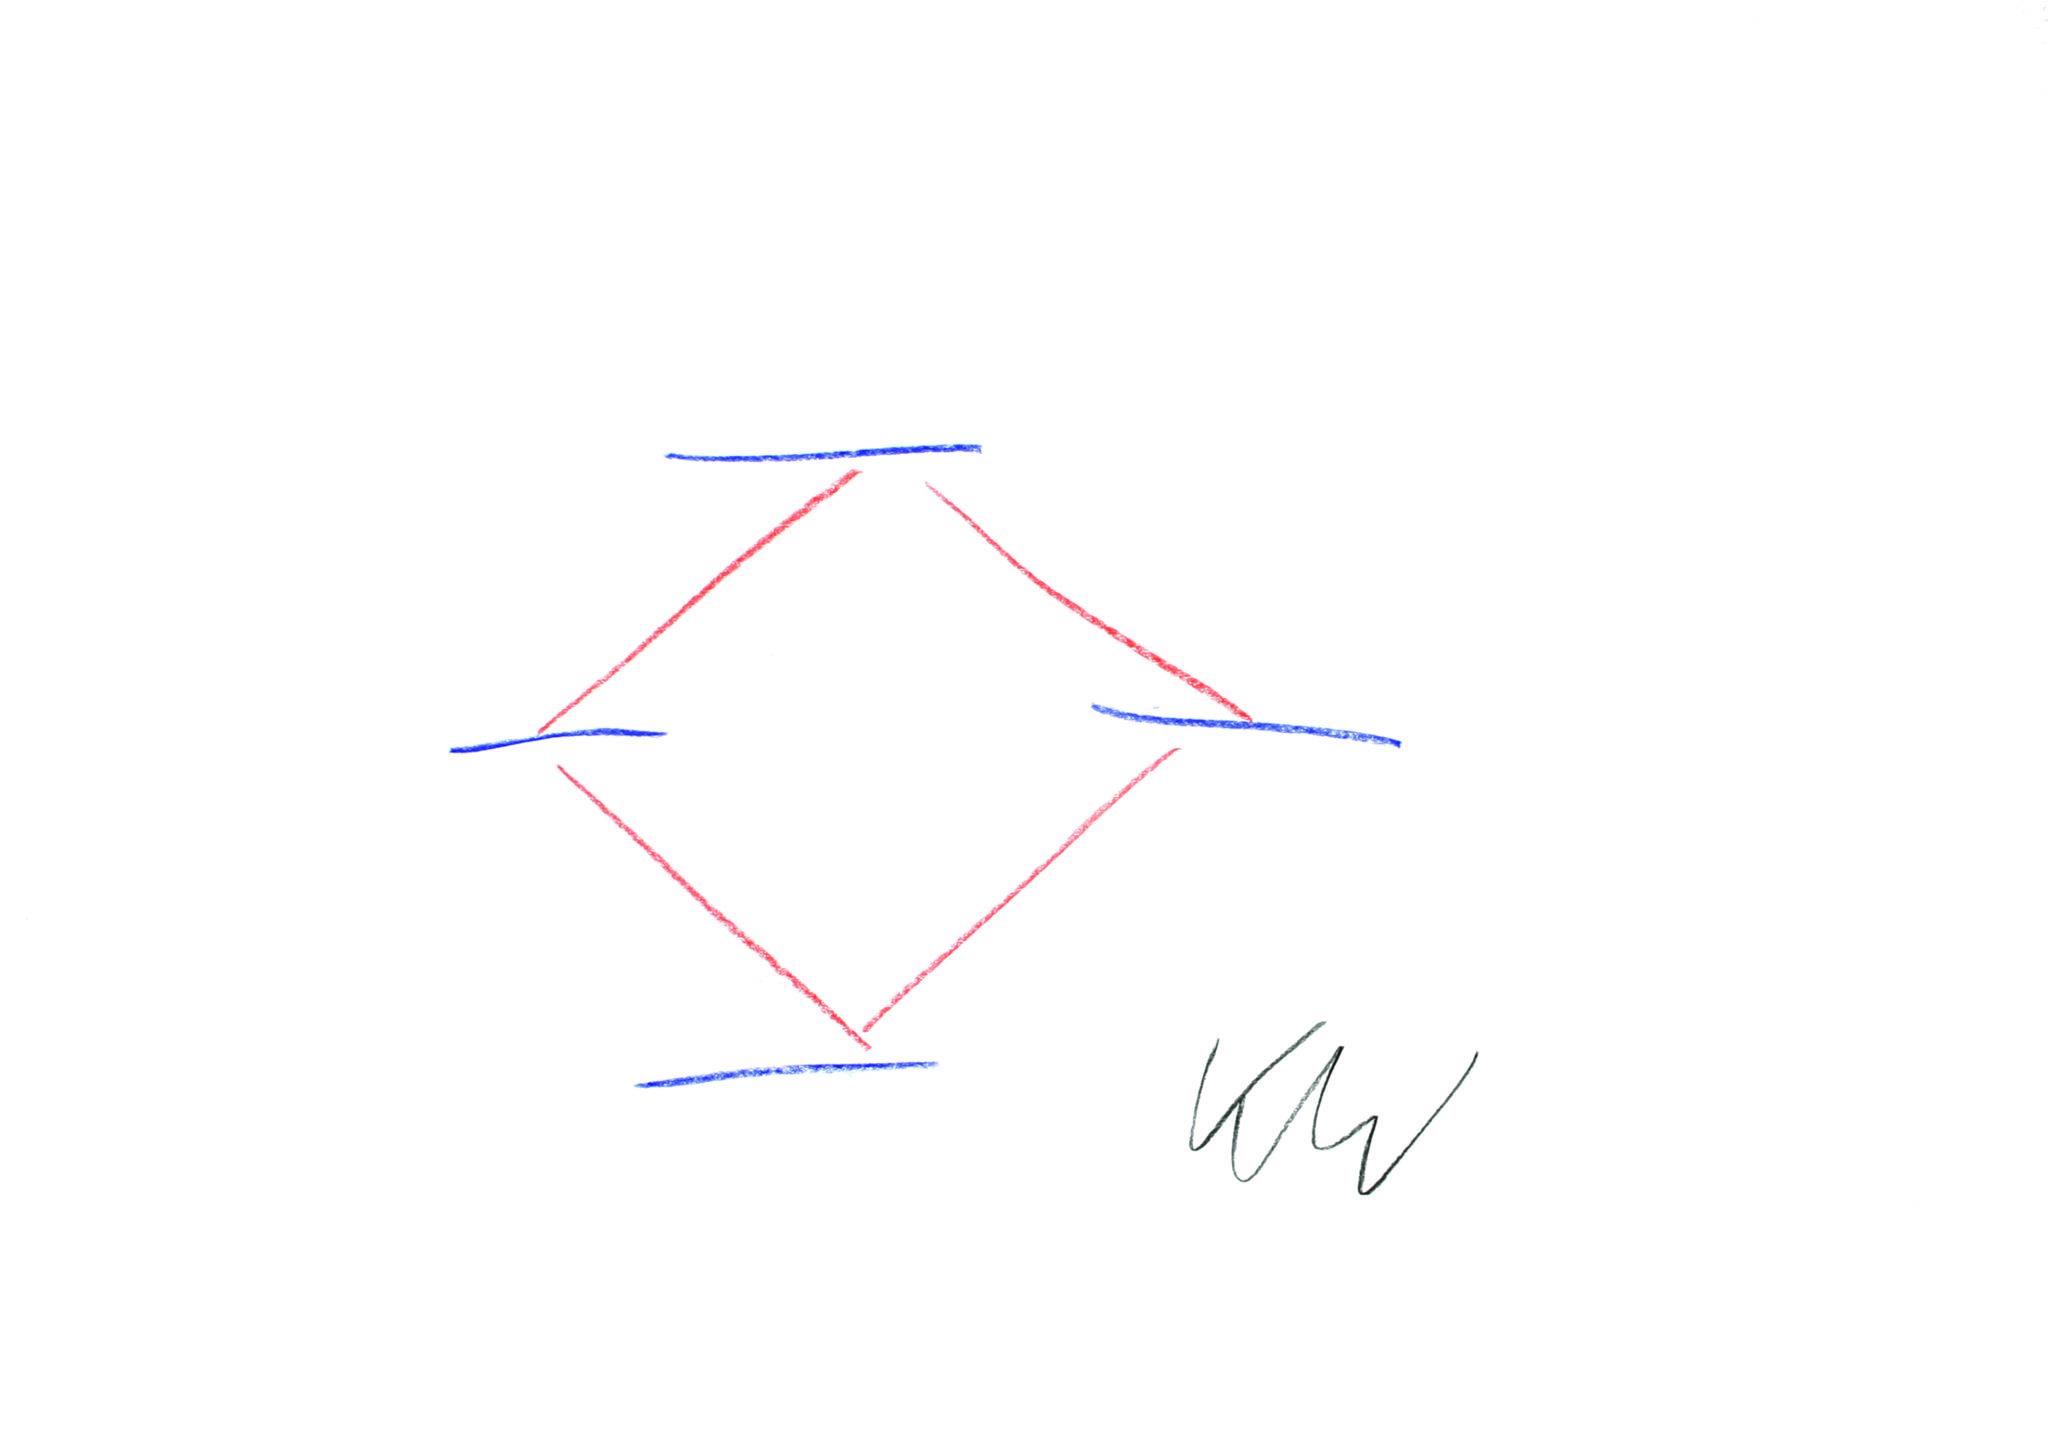 Auf einem weissen Hintergrund eine einfache Skizze. Ein rotes Quadrat, das an den vier Ecken von jeweils einer blauen Linie getrennt wird. Rechts unterhalb der Skizze die Unterschrift von Kurt Wüthrich.